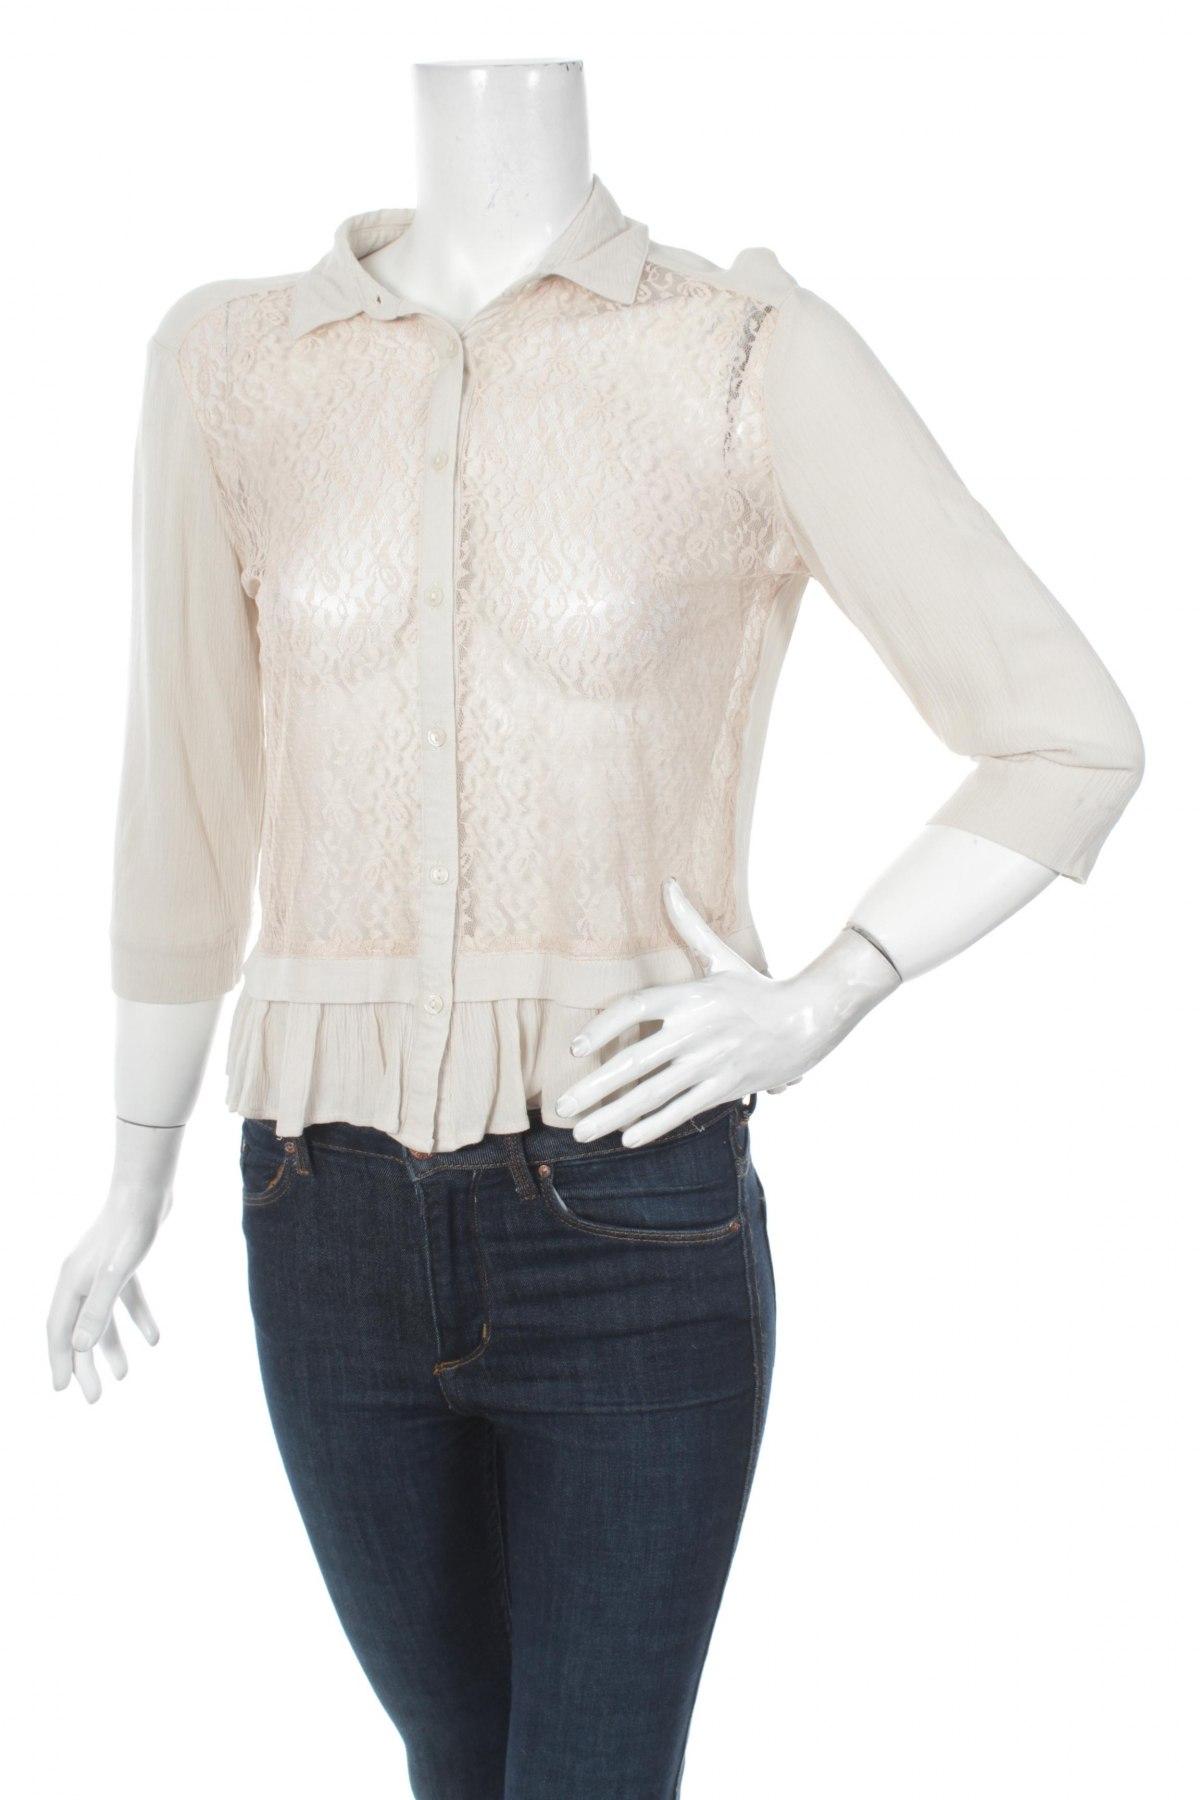 Γυναικείο πουκάμισο Vero Moda, Μέγεθος M, Χρώμα  Μπέζ, Τιμή 14,95€